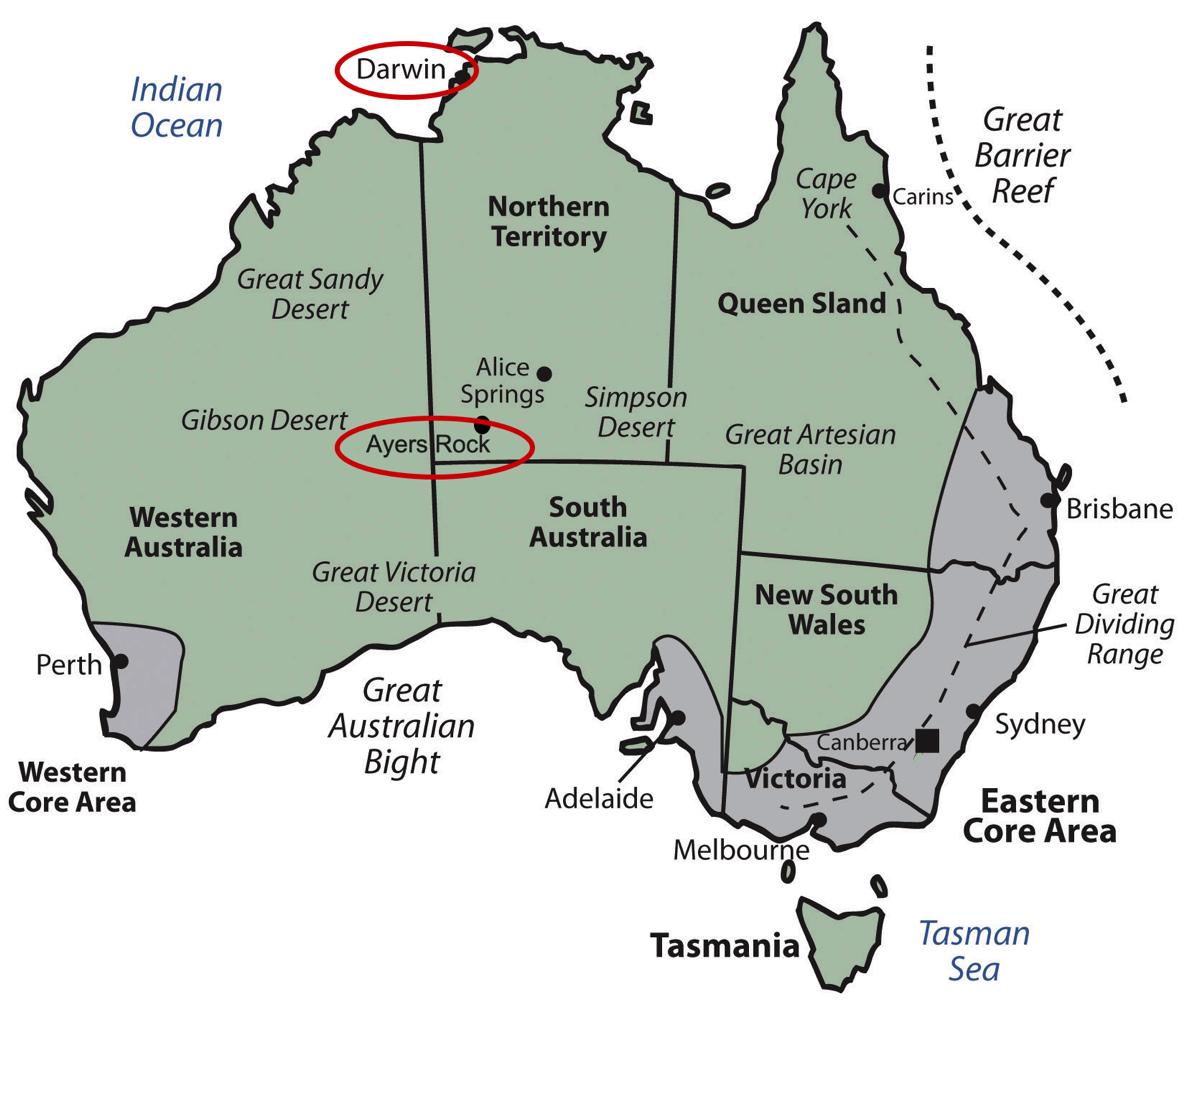 Darwin to Ayers Rock